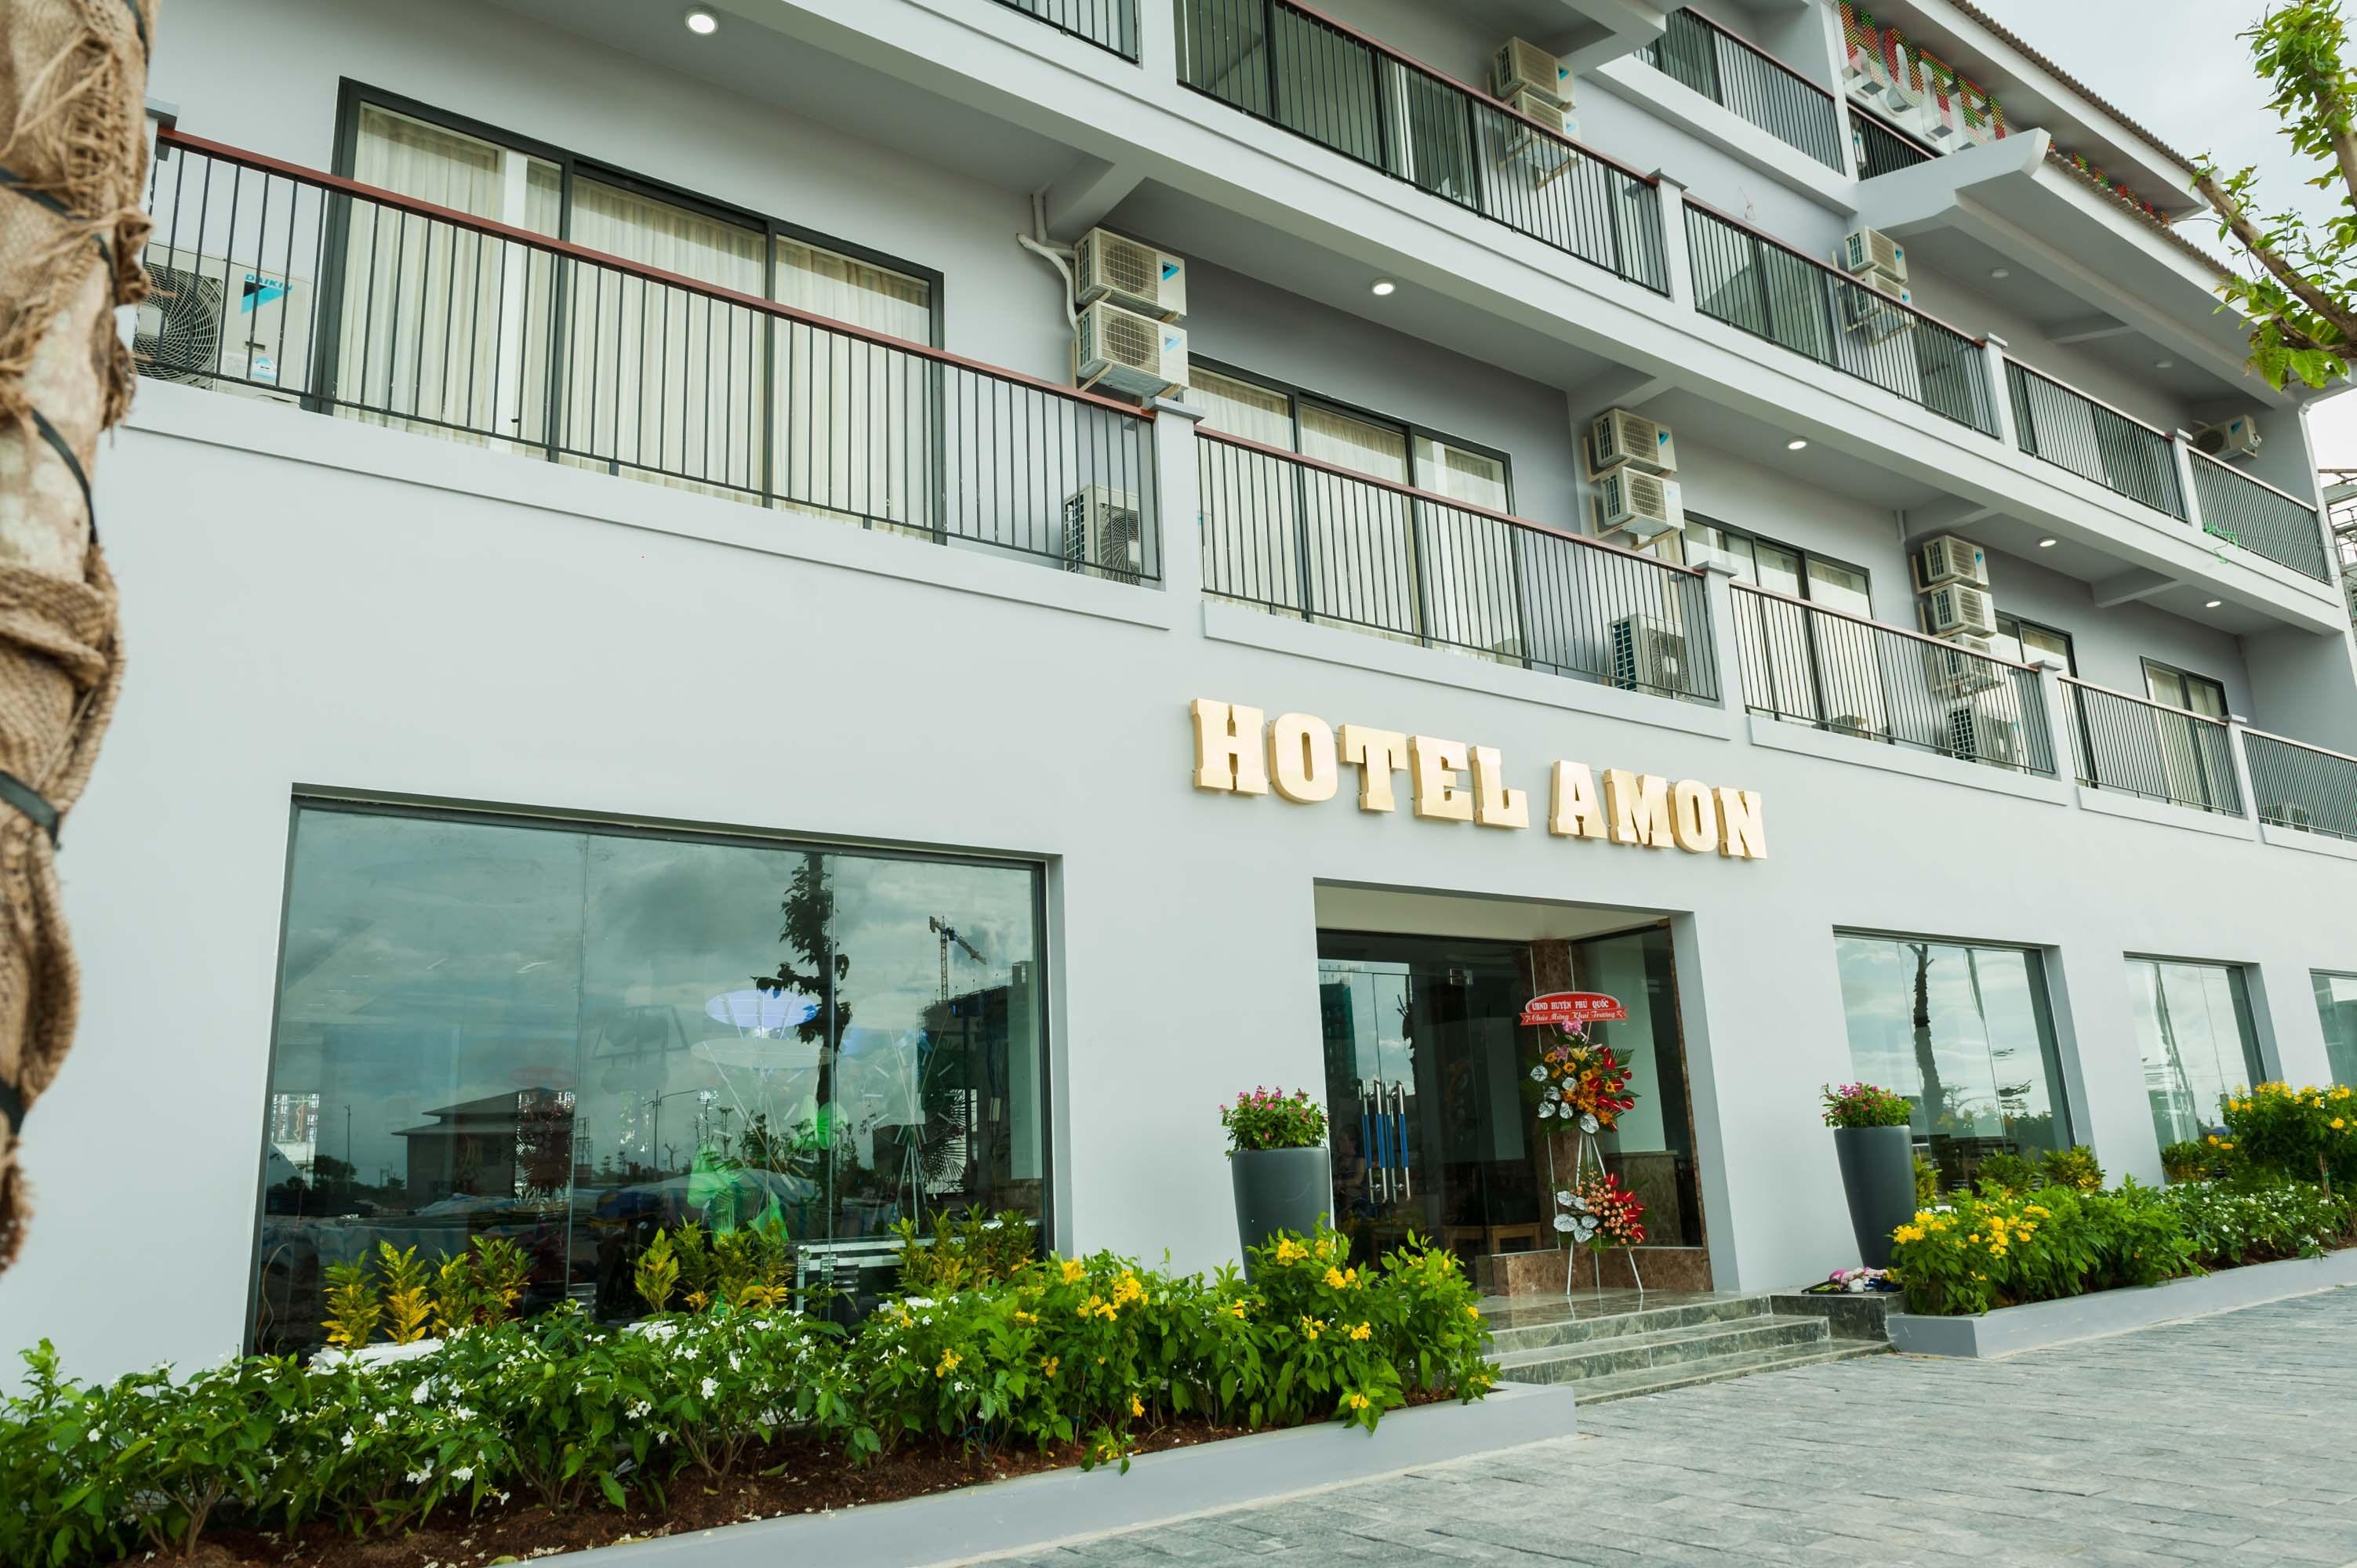 amon hotel chu dau tu sim island phu quoc